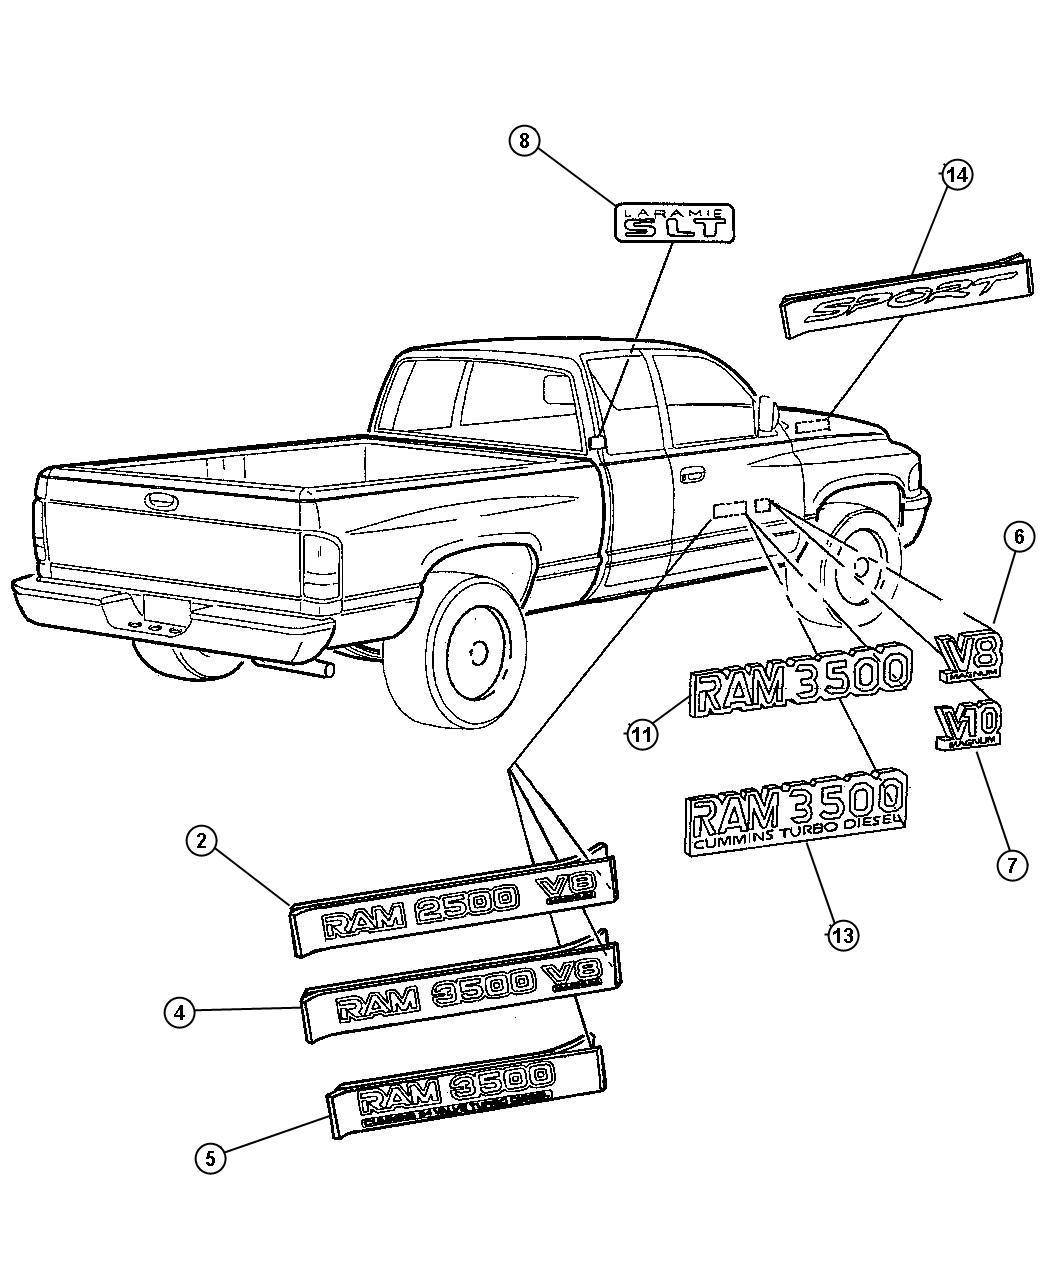 Dodge Ram 2500 Nameplate. Ram 1500. Silver, silver, v8